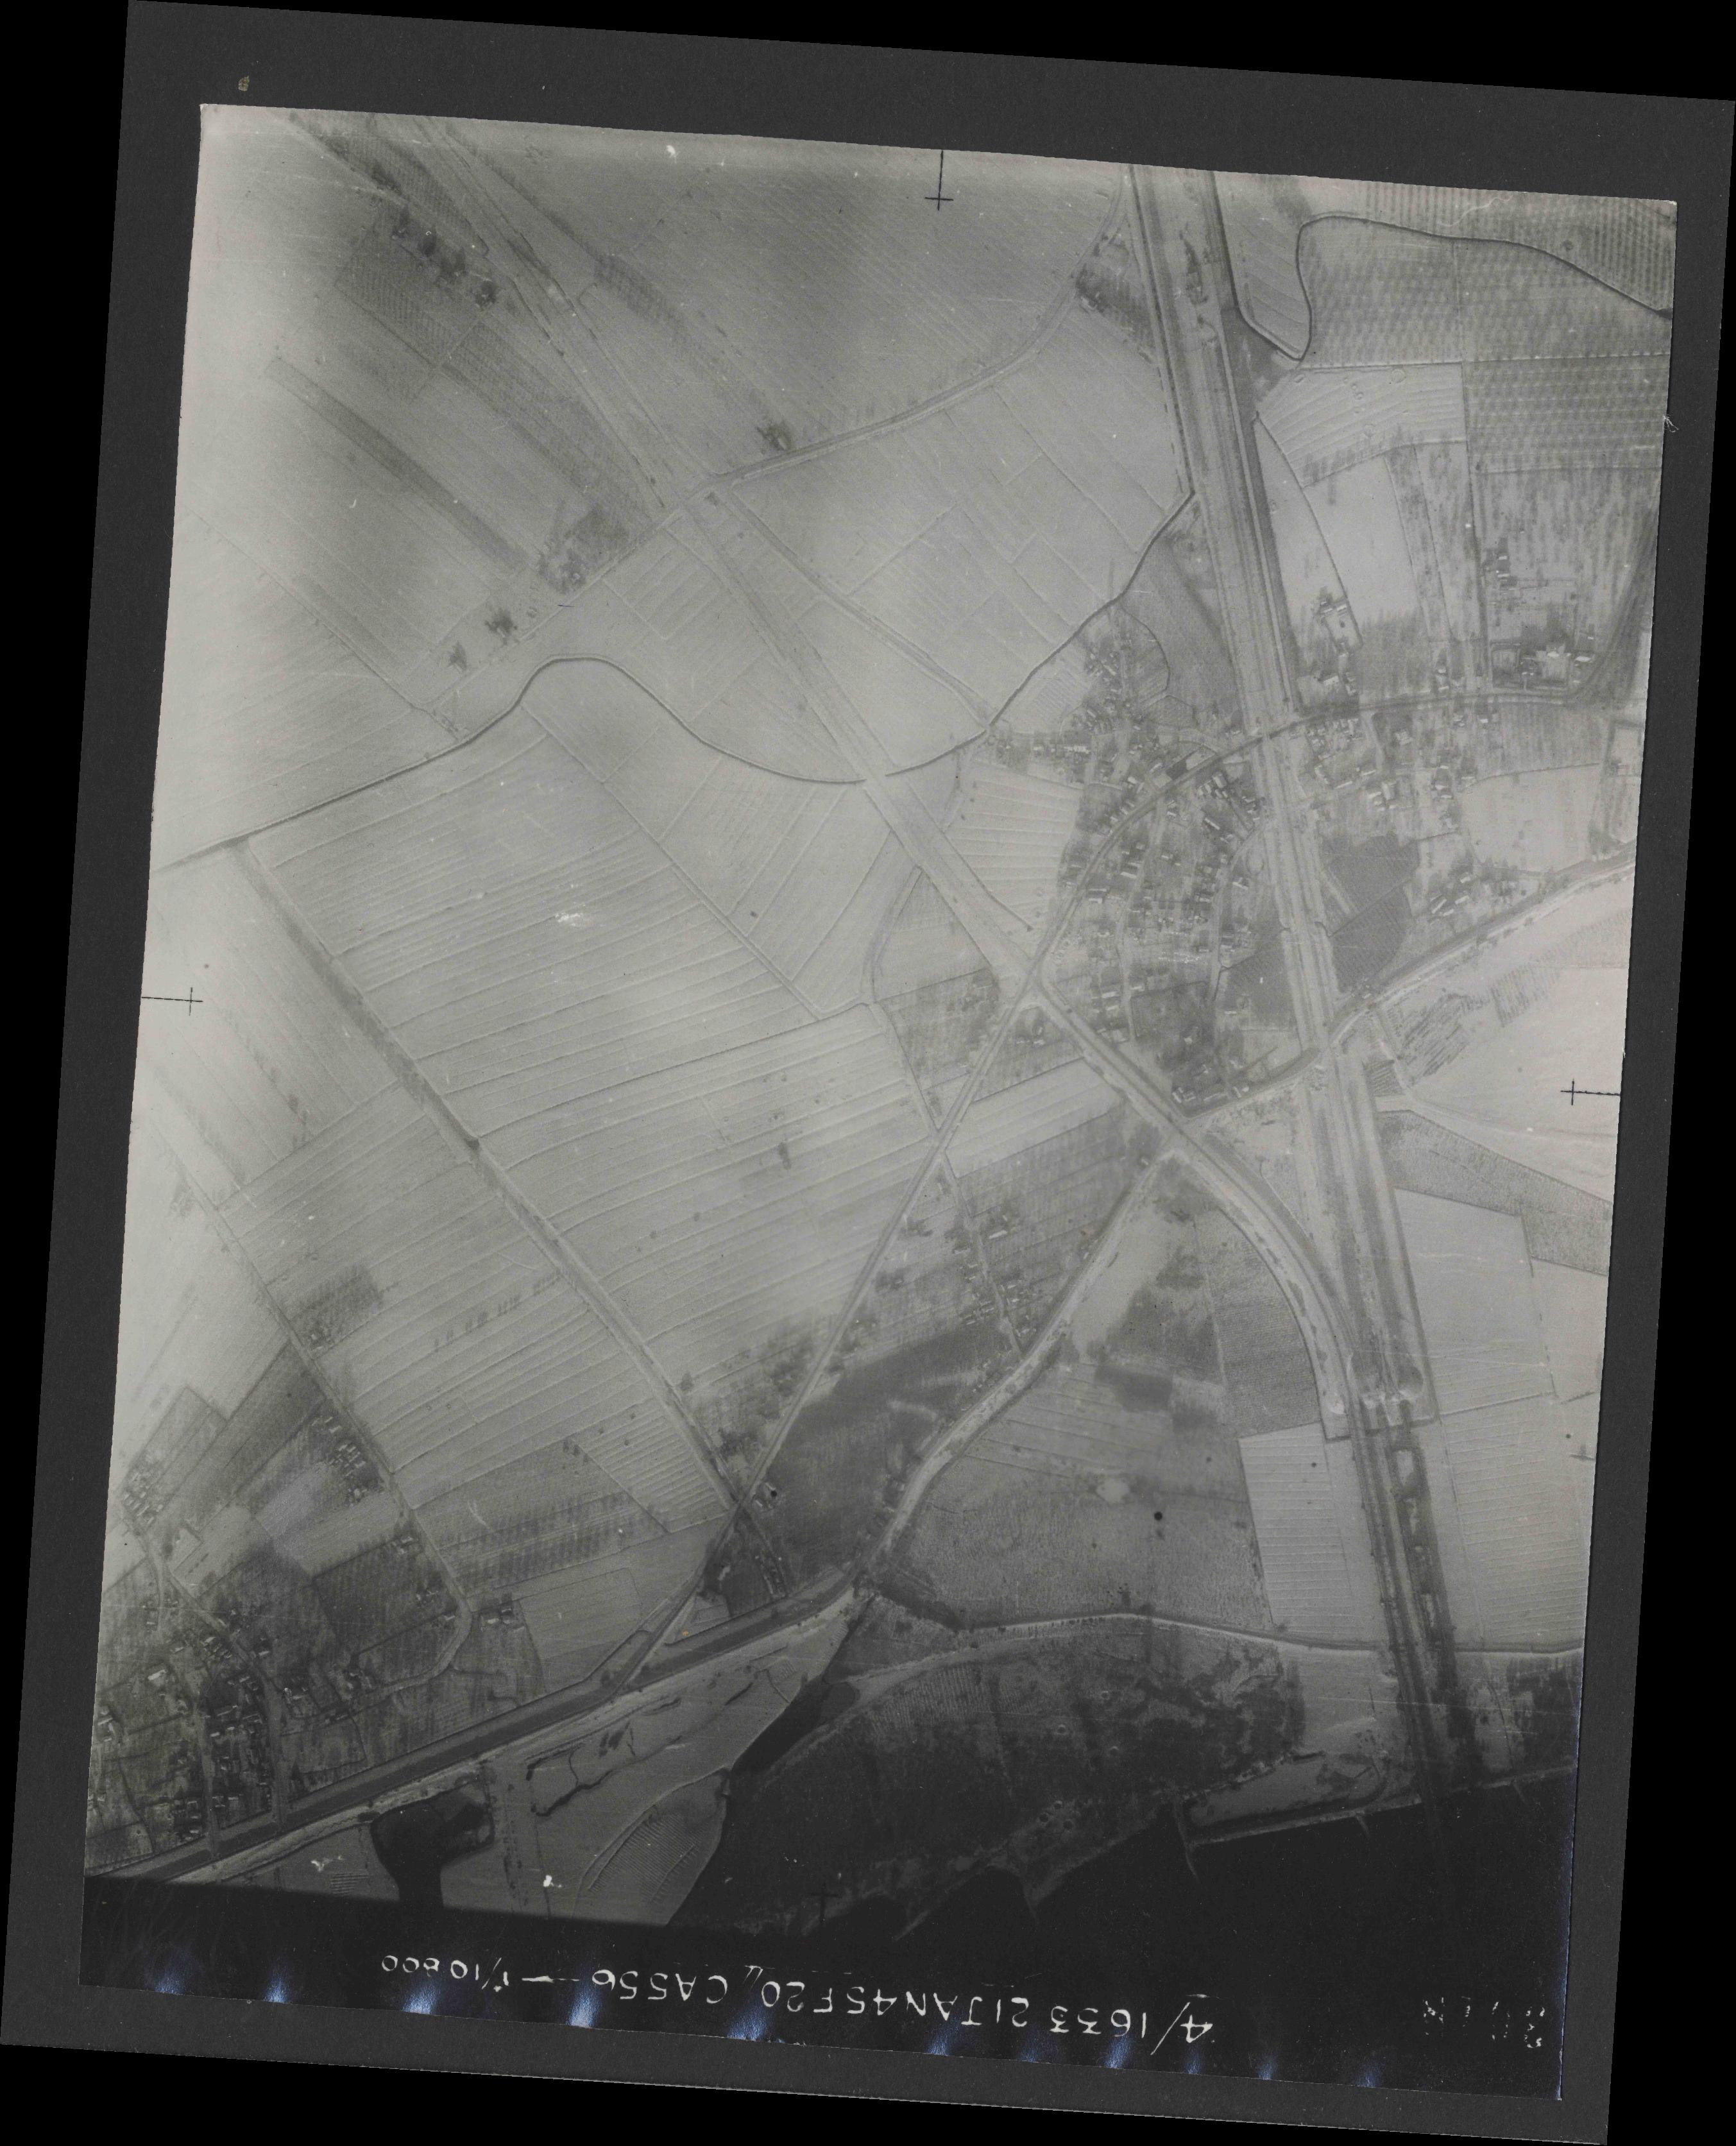 Collection RAF aerial photos 1940-1945 - flight 202, run 07, photo 3018